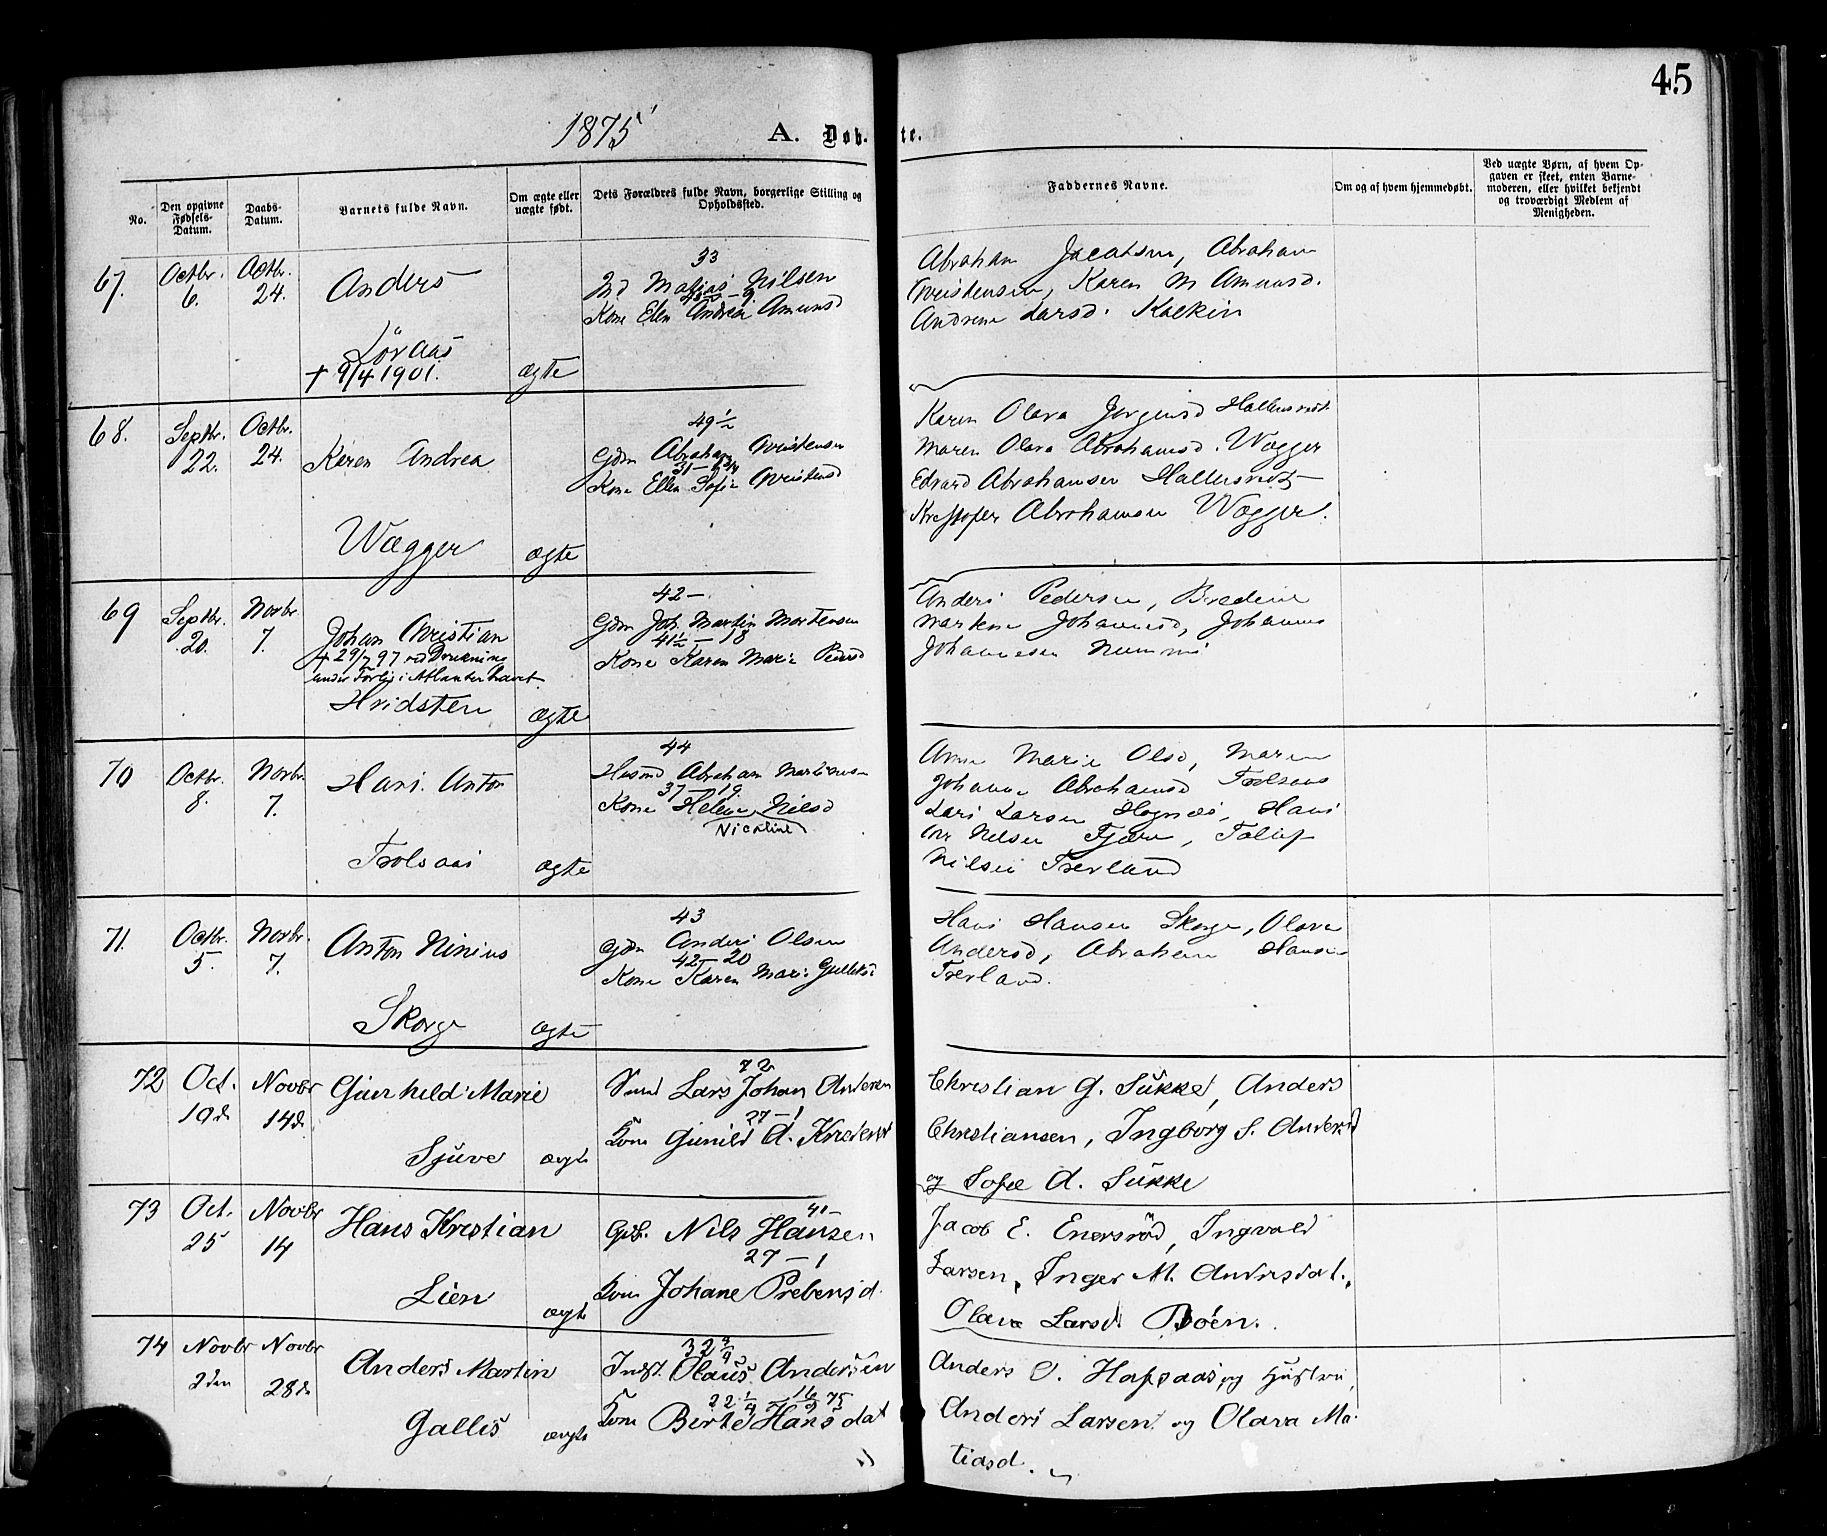 SAKO, Andebu kirkebøker, F/Fa/L0006: Ministerialbok nr. 6, 1871-1878, s. 45